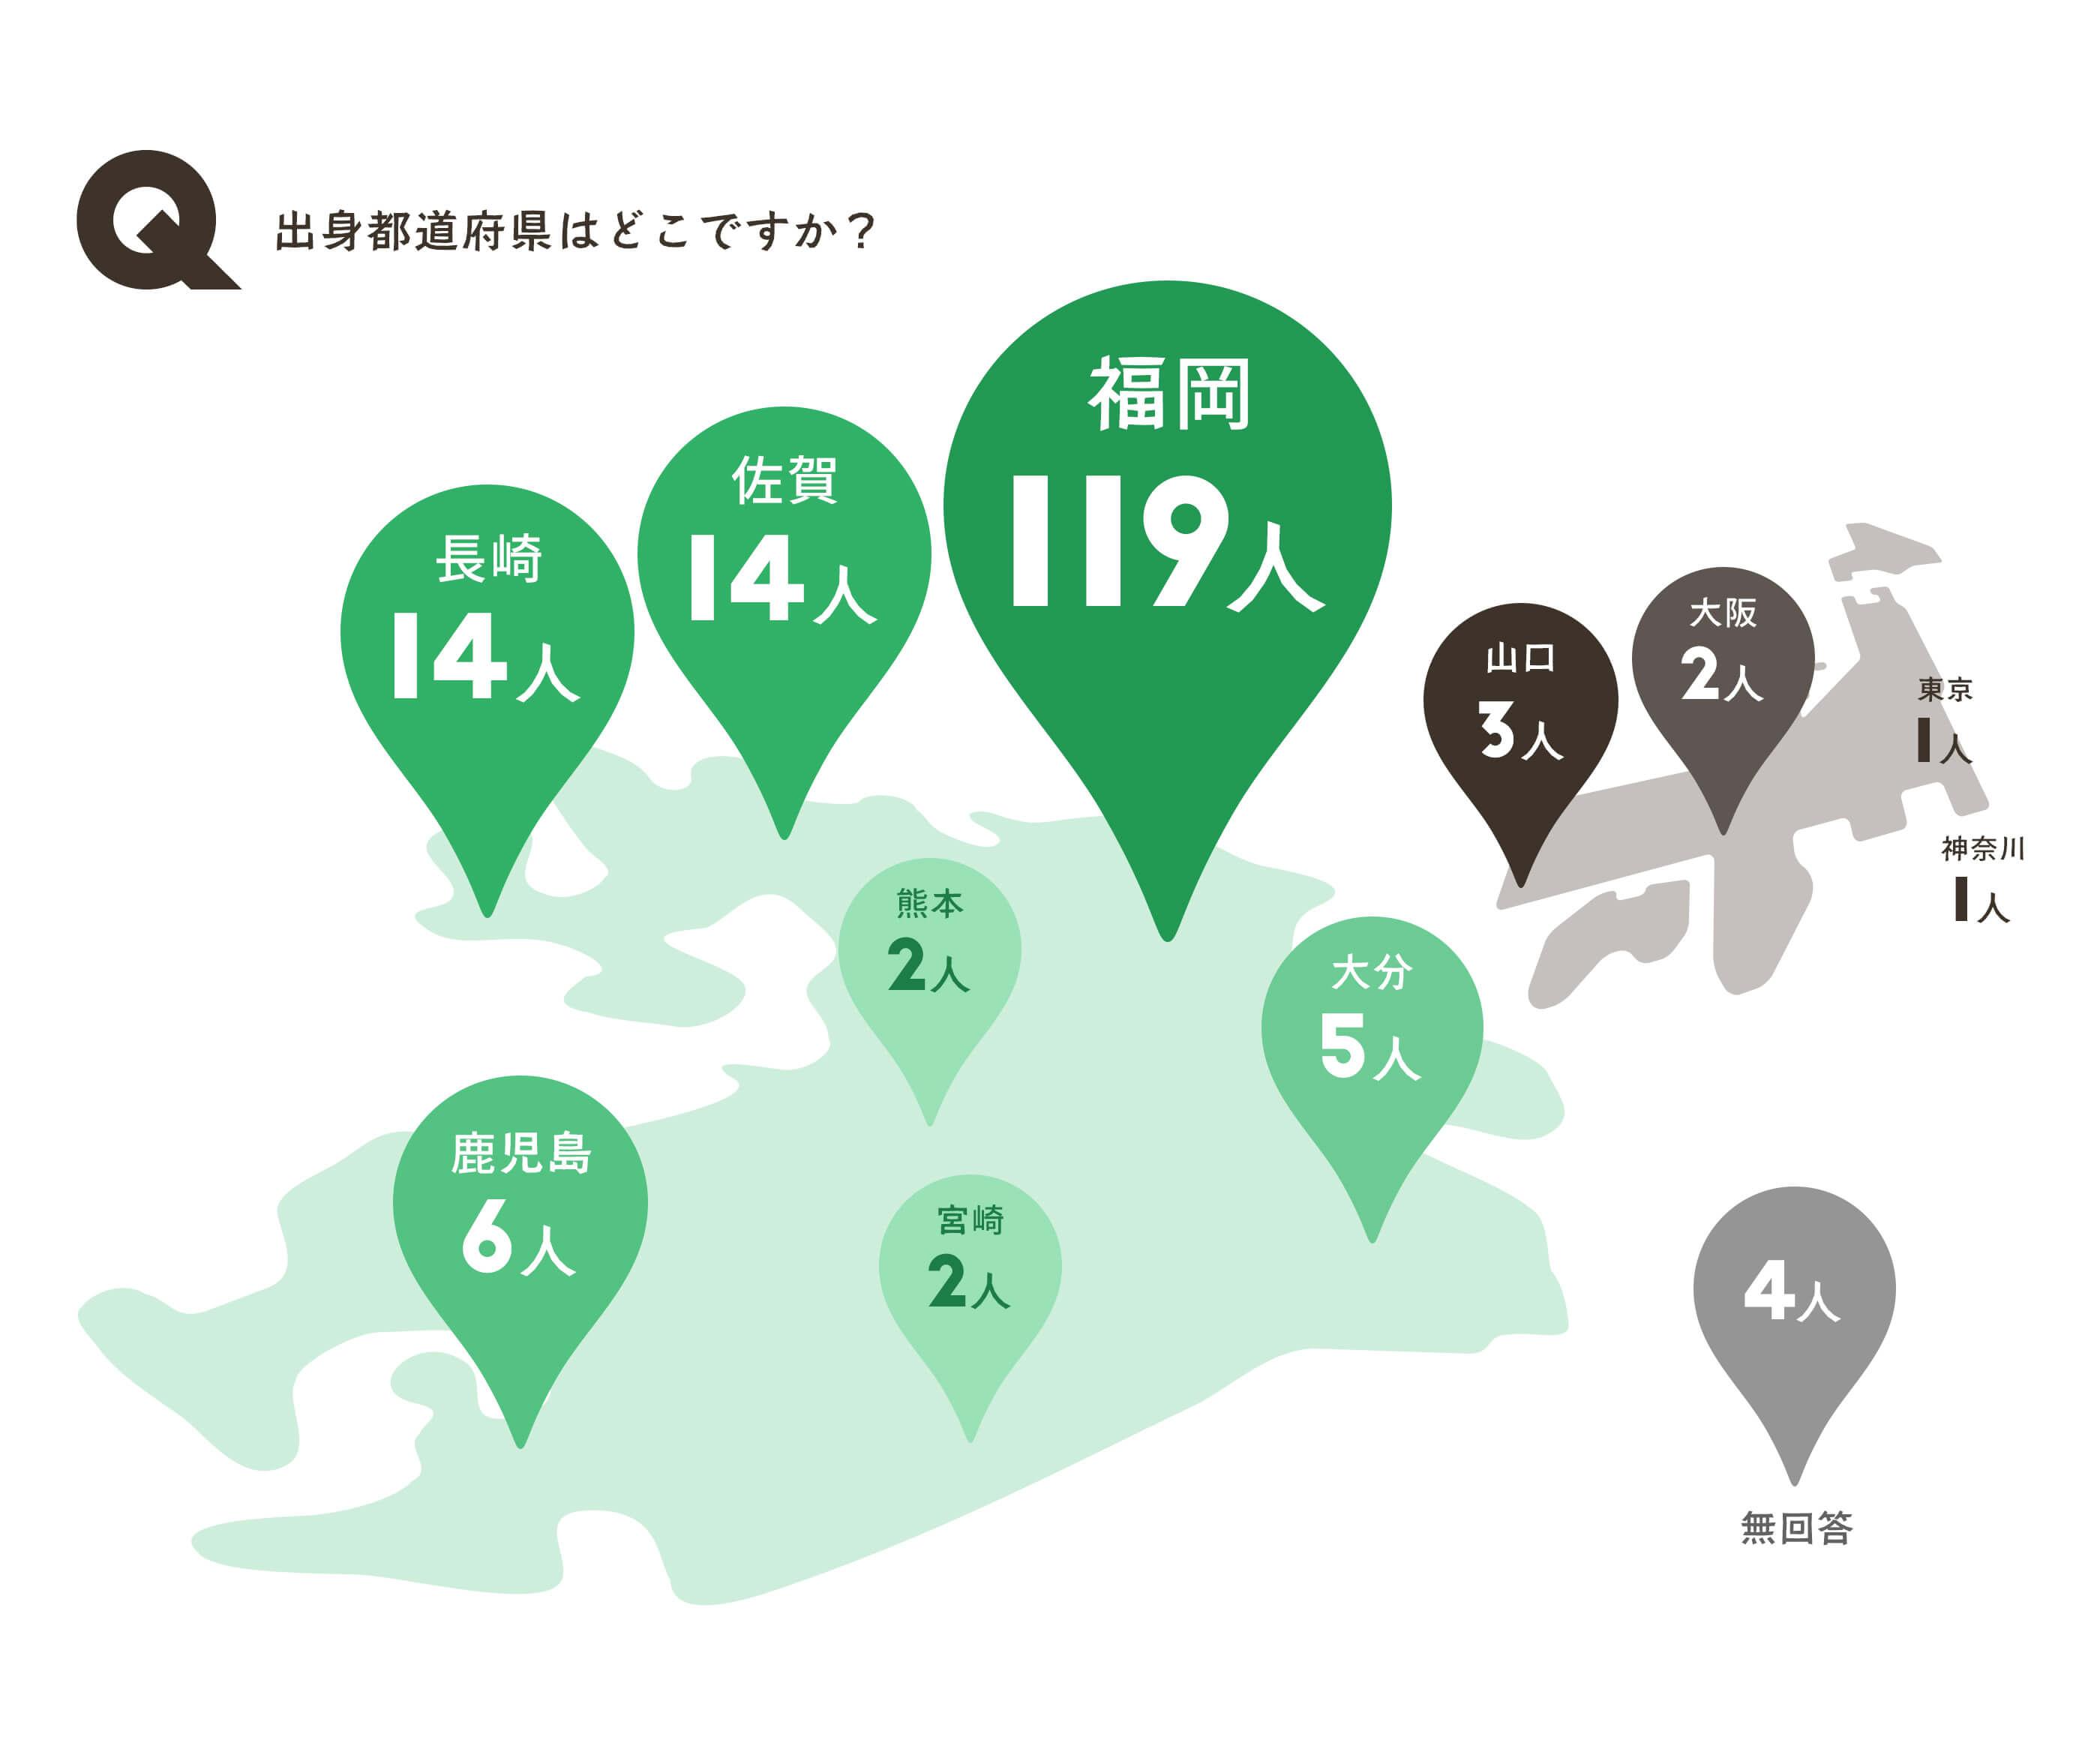 出身都道府県はどこですか?